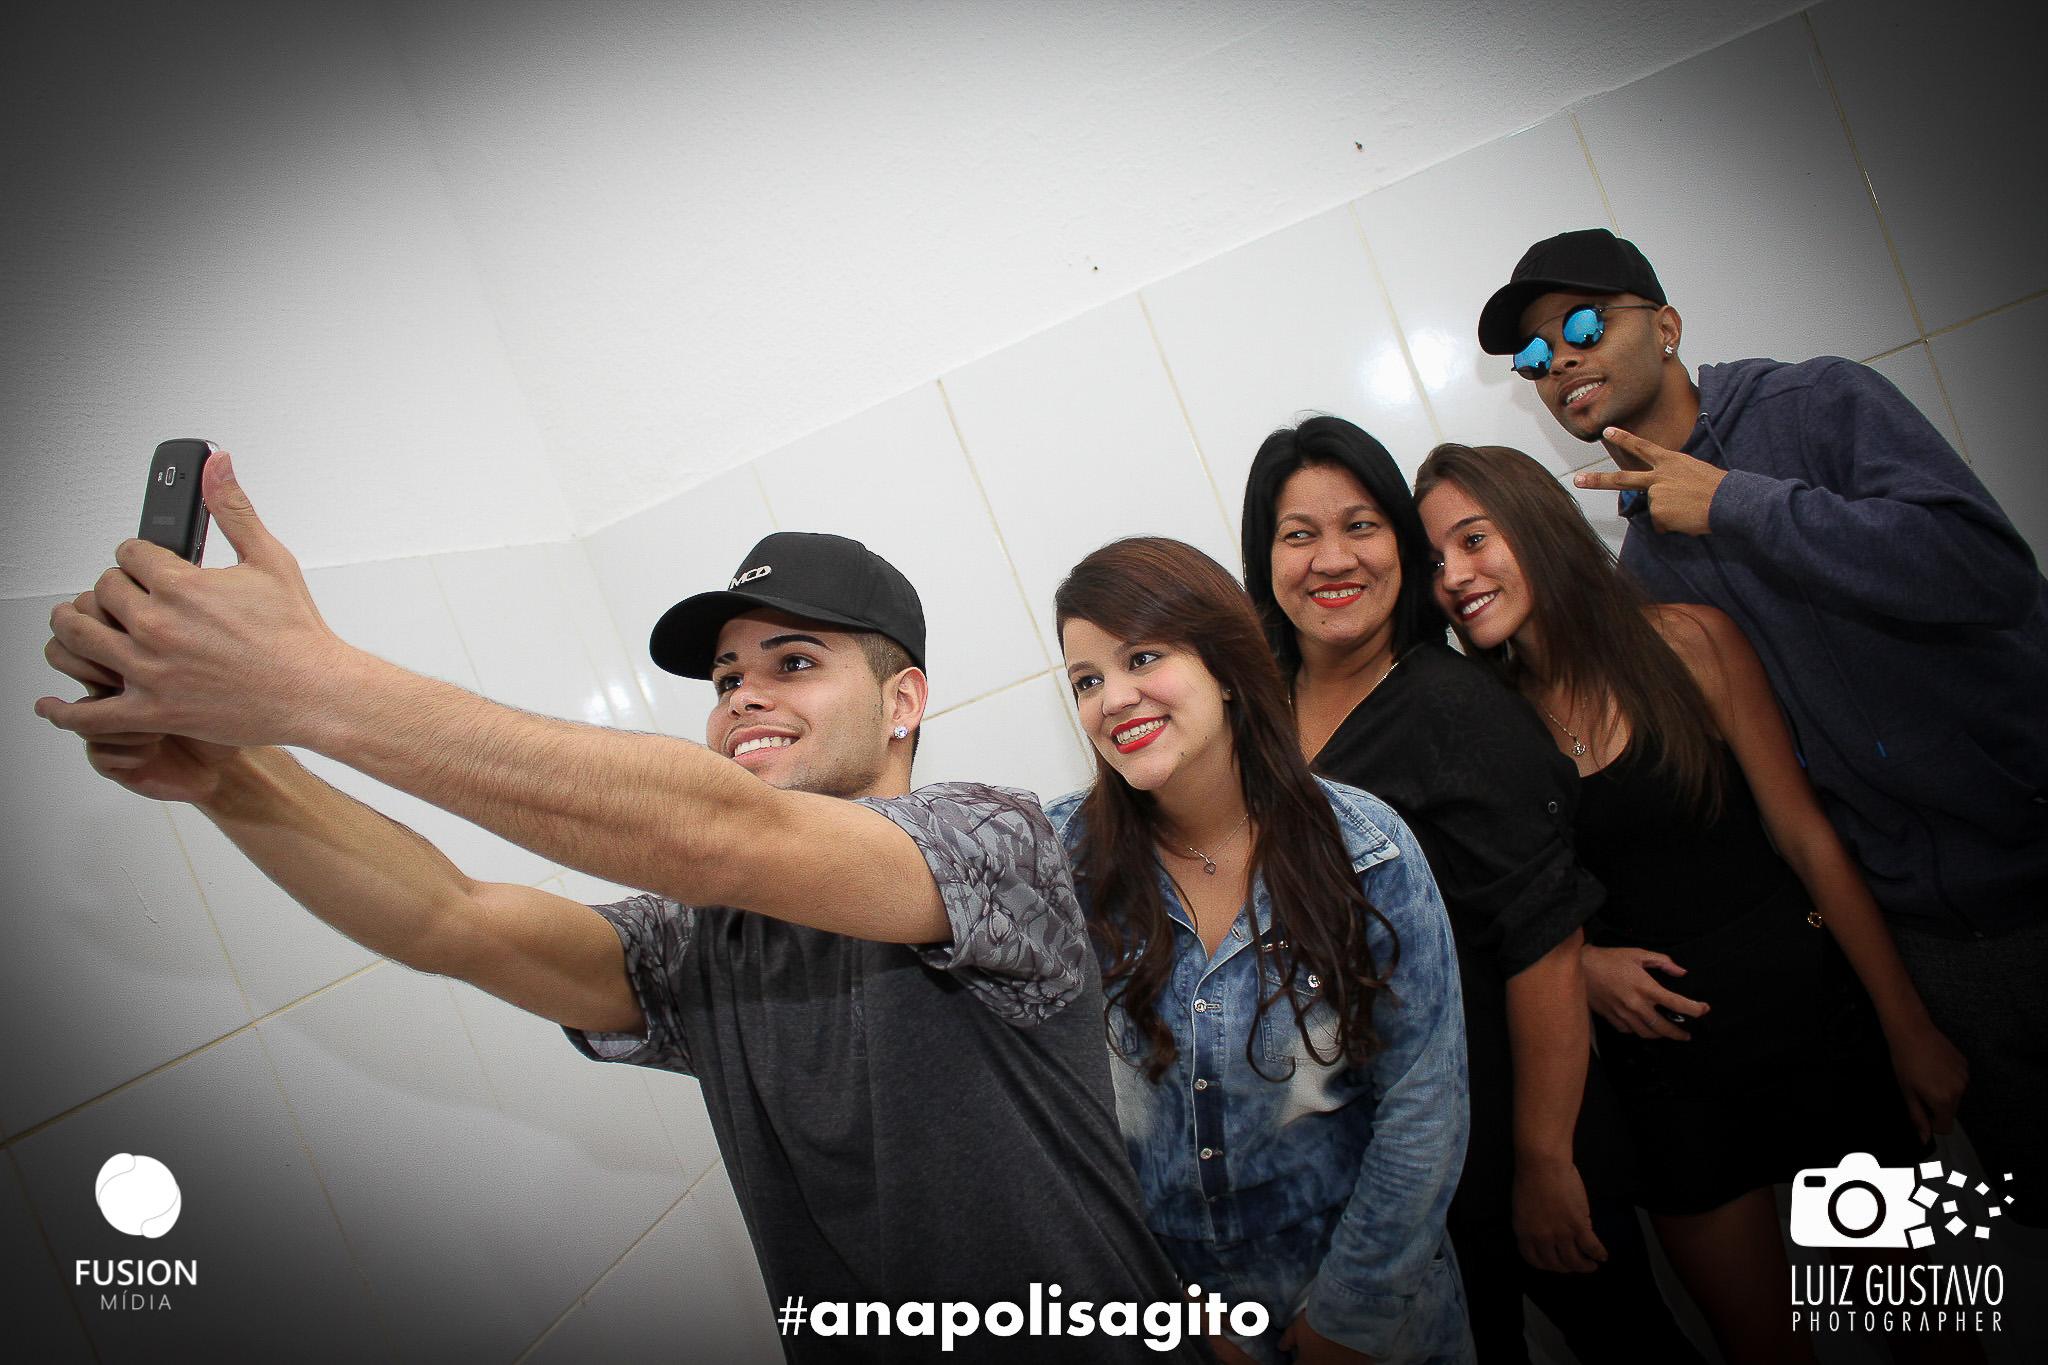 Luiz Gustavo Photographer (59 de 159)